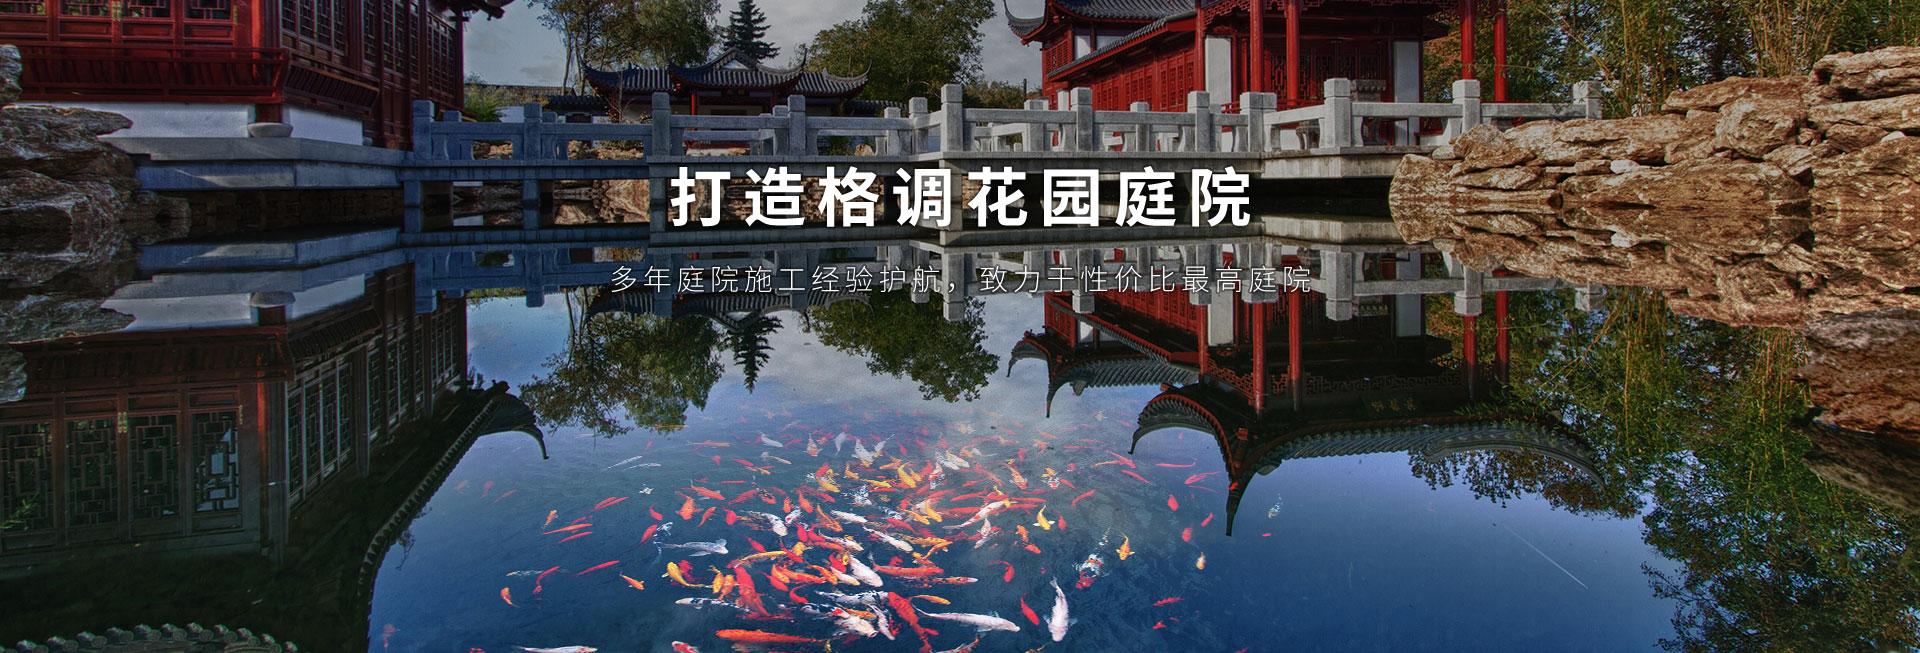 重庆私家庭院